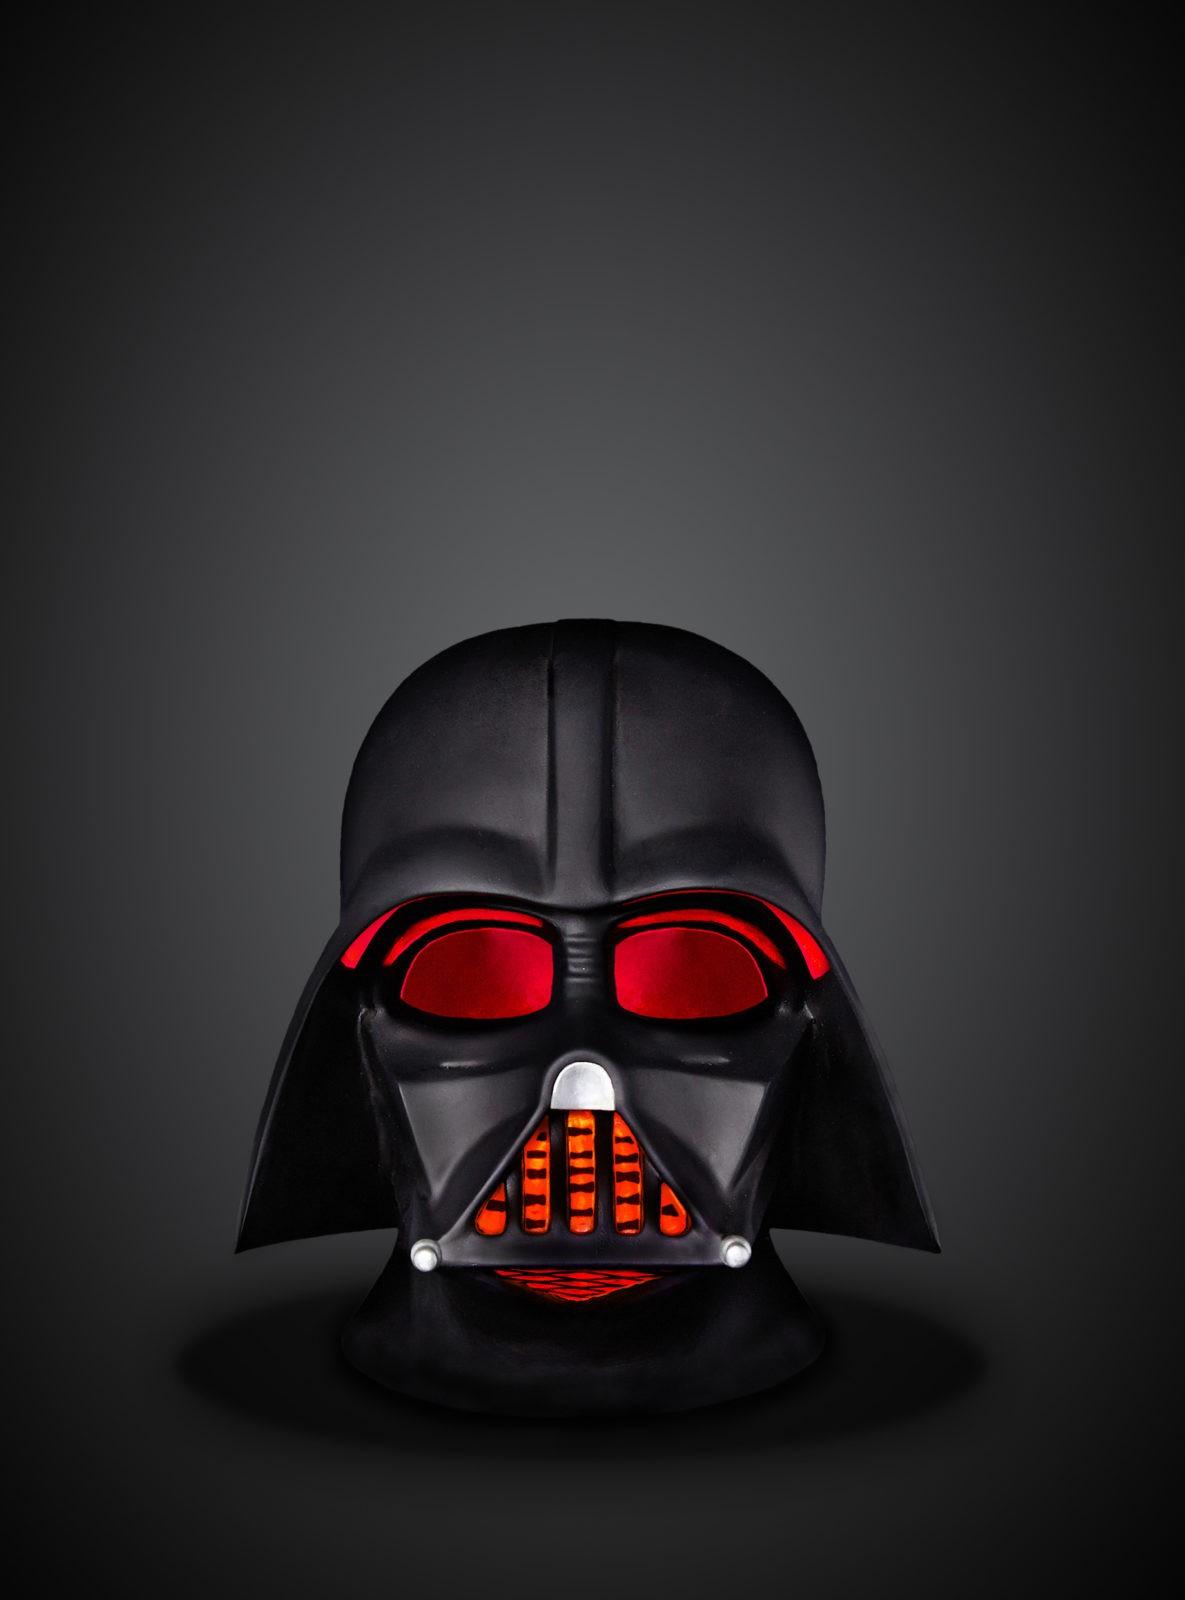 Star Wars Darth Vader 3d Mood Light Small